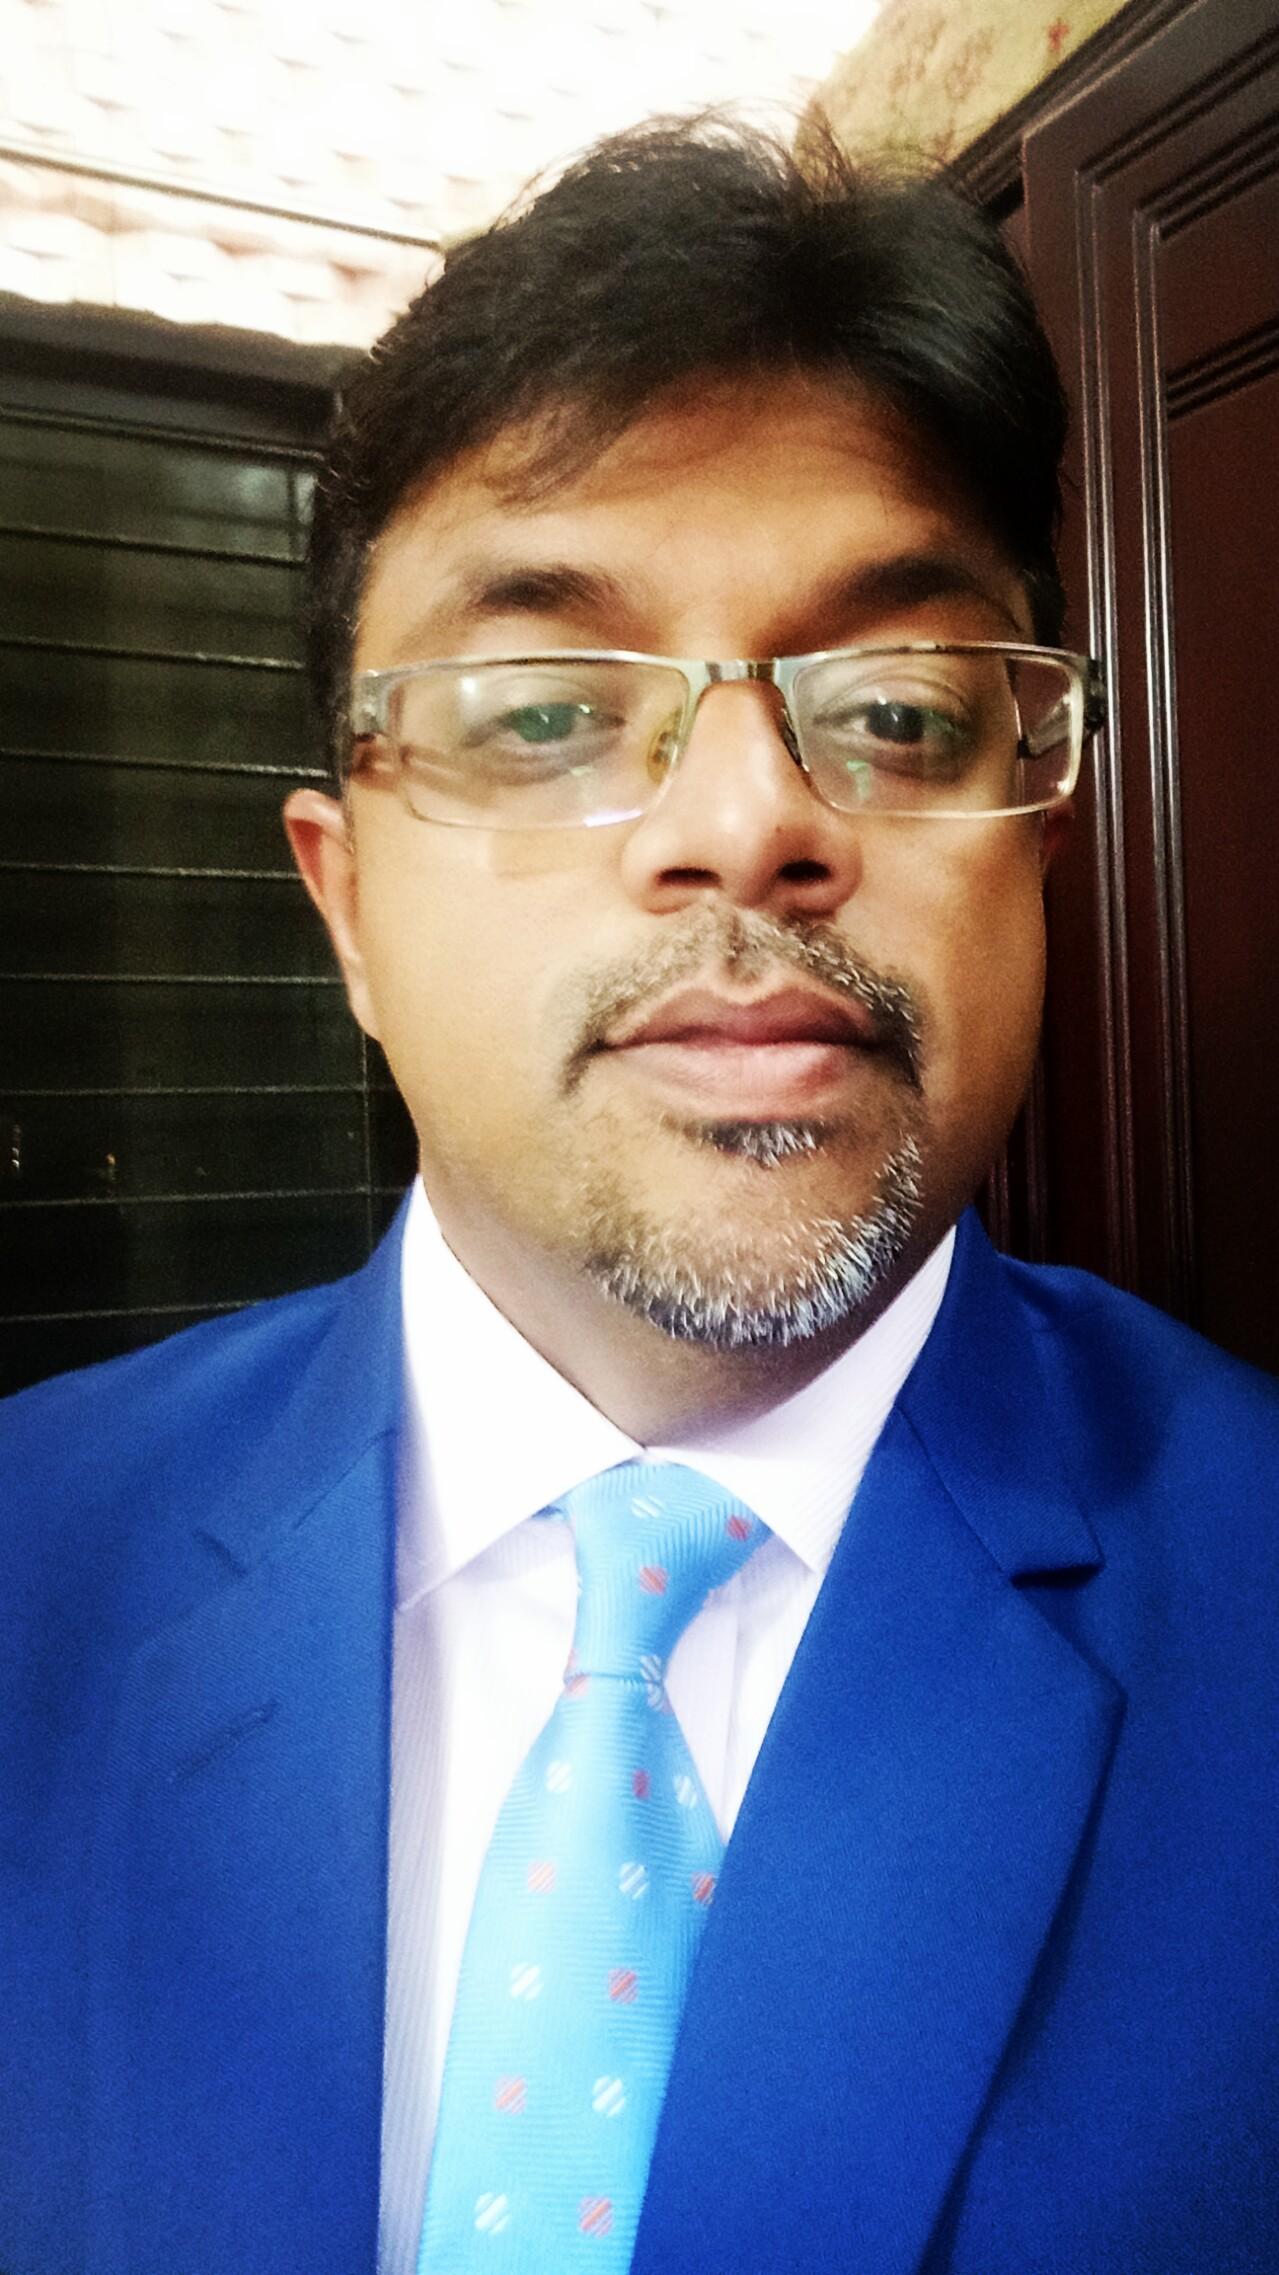 Dr. Mustafa Habib Chowdhury